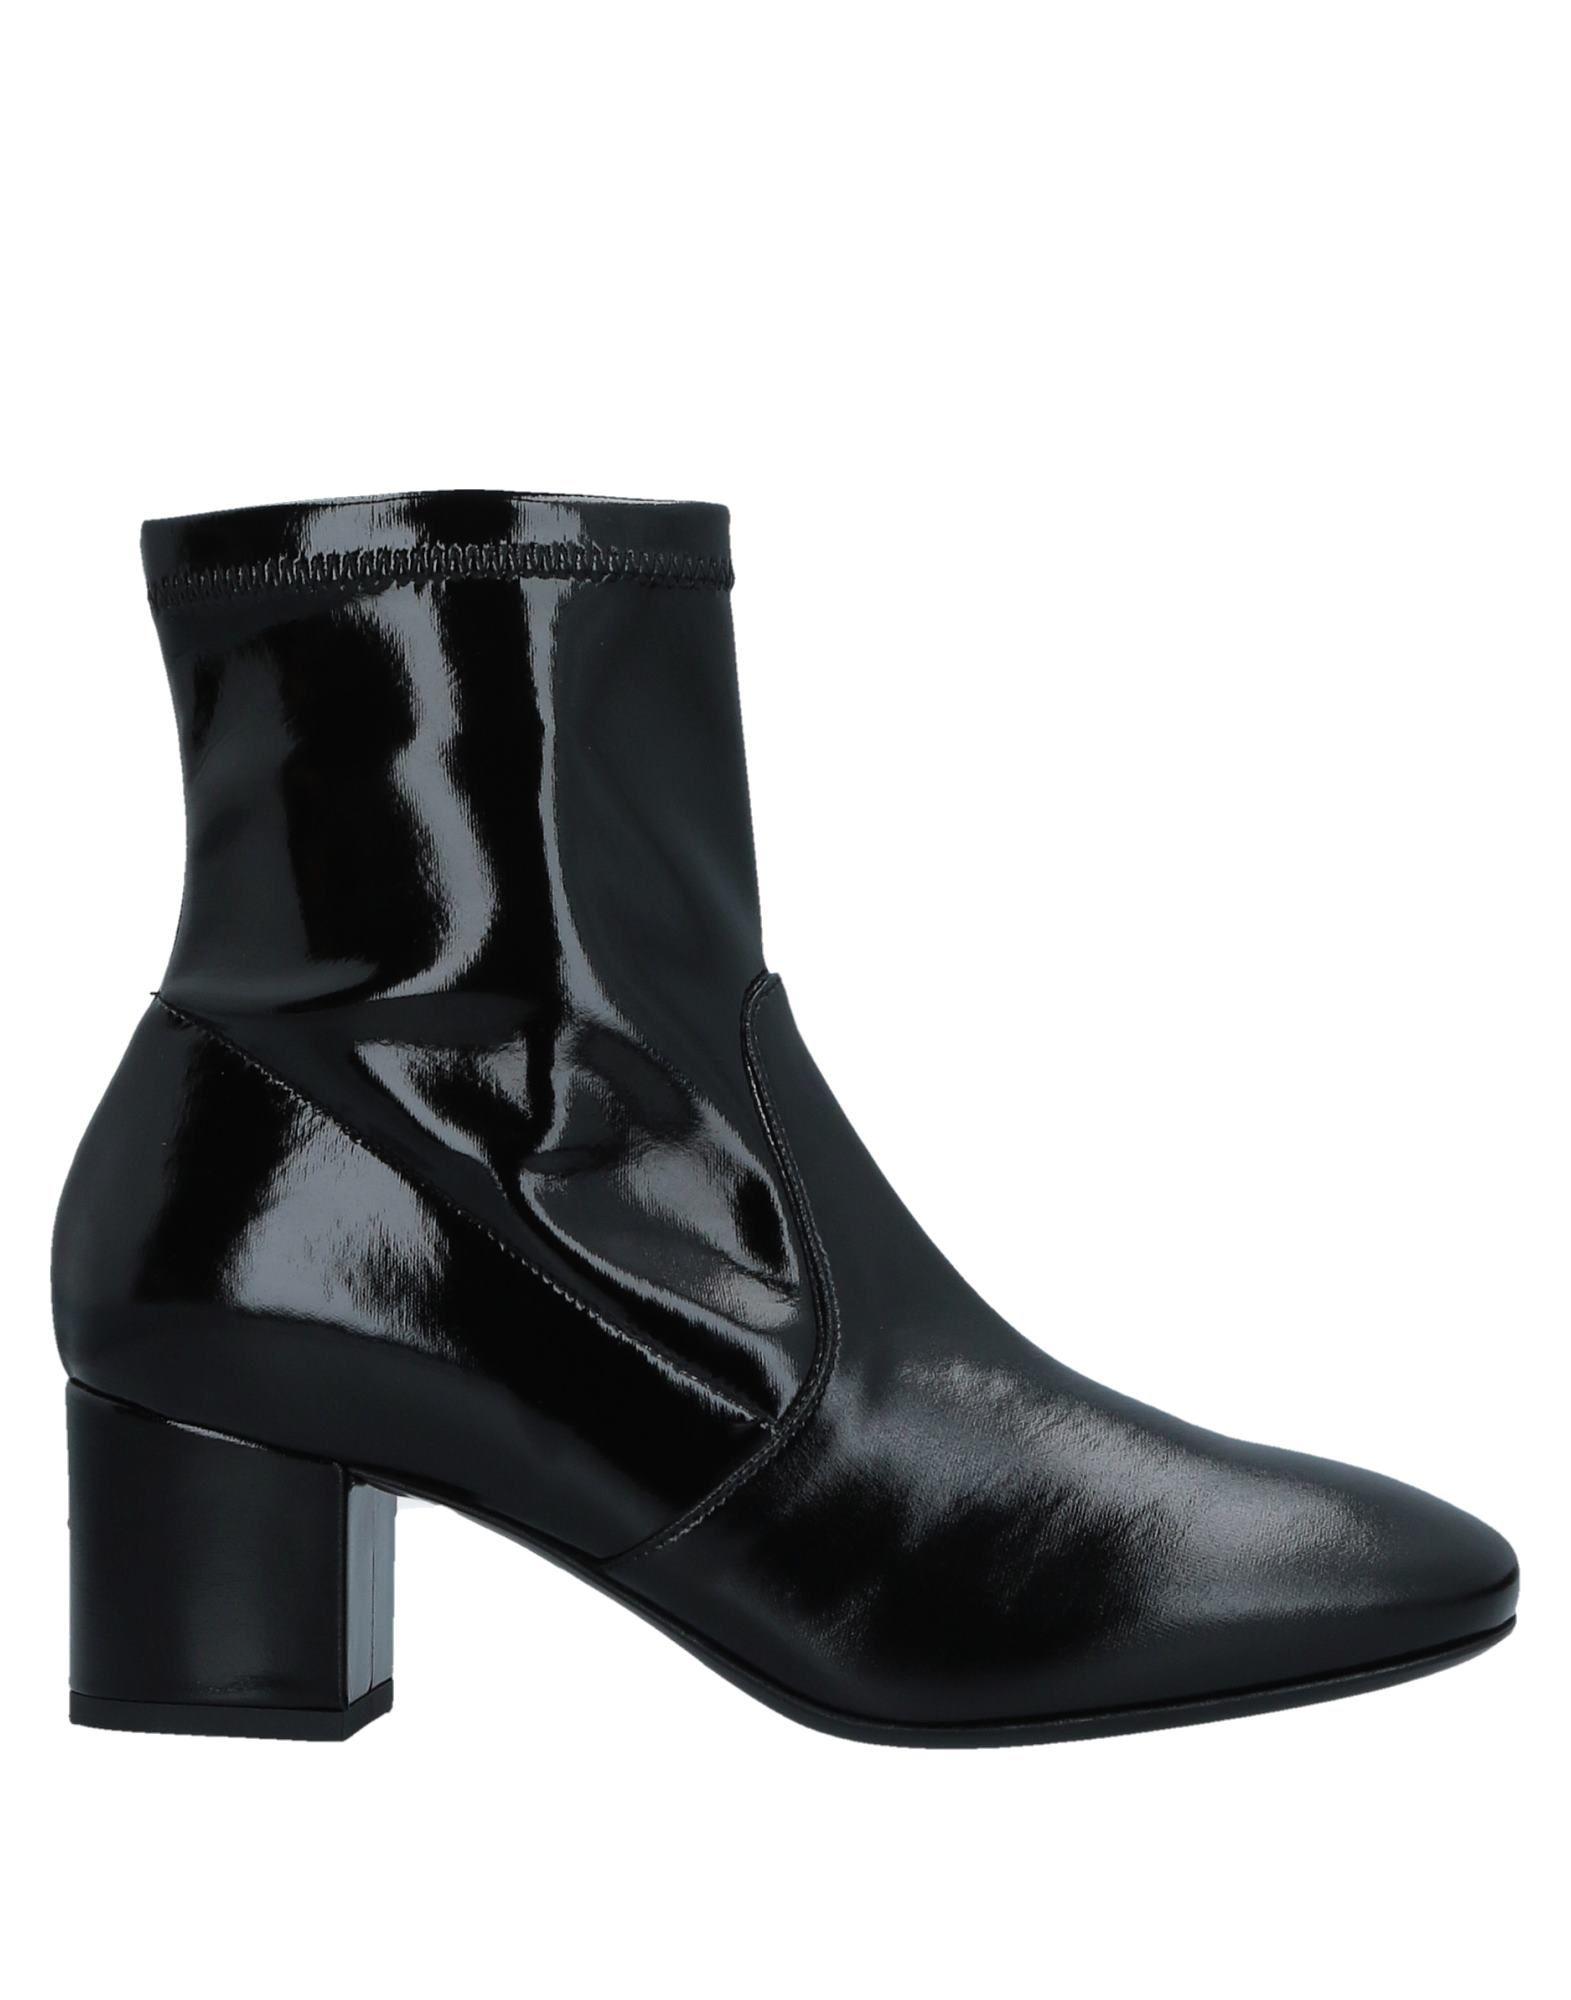 Stilvolle billige Stiefelette Schuhe Carla G. Stiefelette billige Damen  11522970ME 736eac